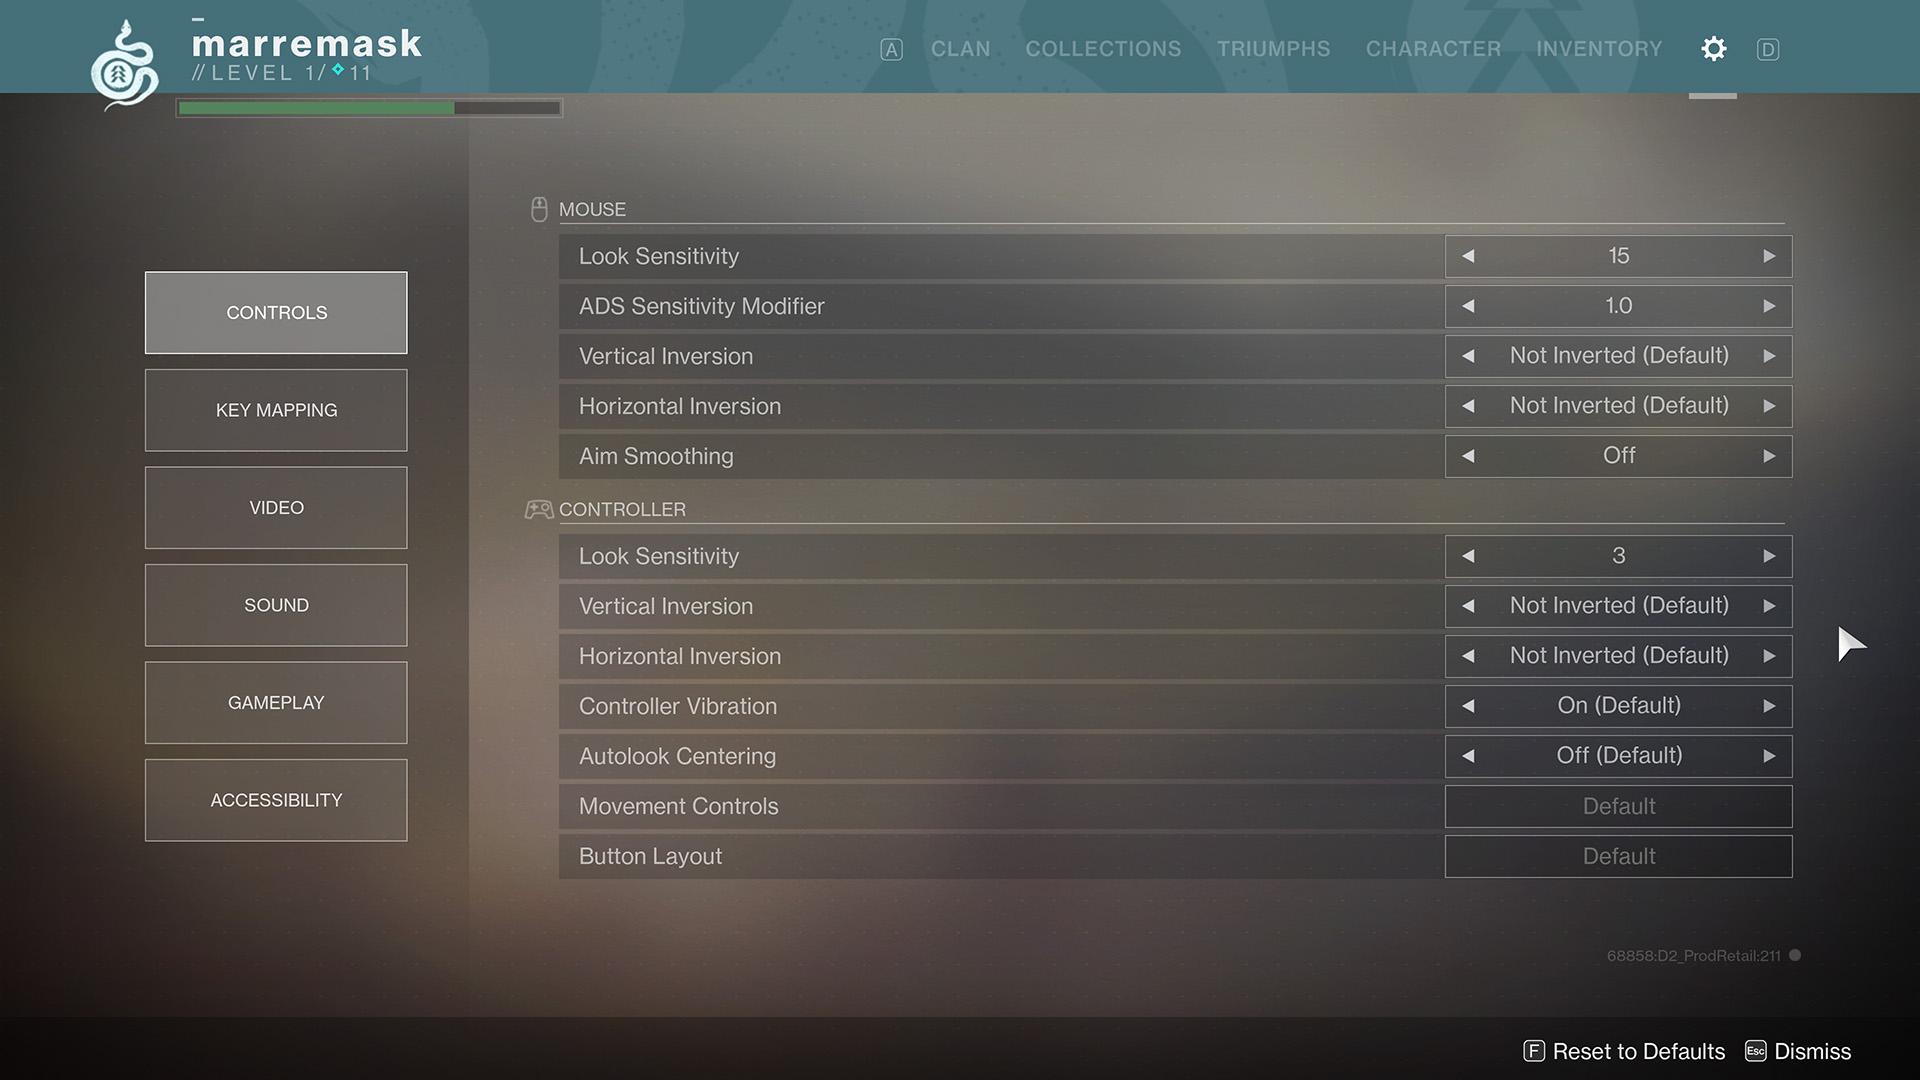 _0007_Destiny 2 Screenshot 2018.11.04 - 01.43.03.03.jpg